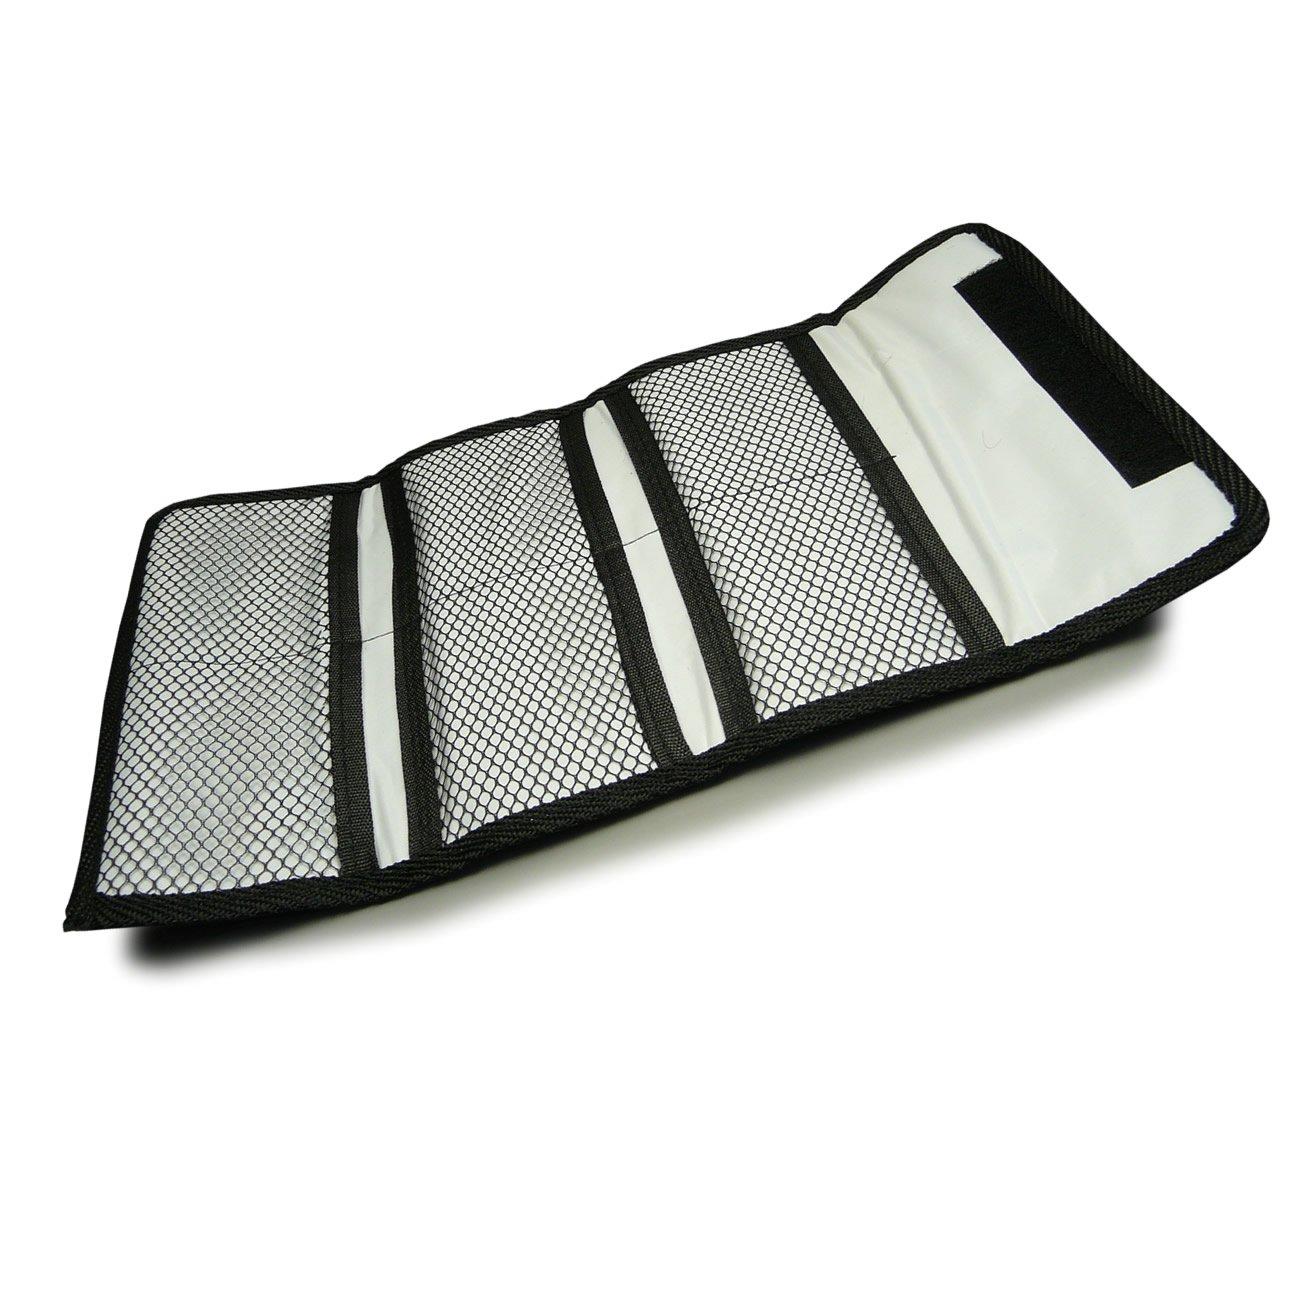 Filtro Protettivo Custodia Borsa per 25-82mm UV CPL FLD il filtro colore ecc. M&L Mobiles